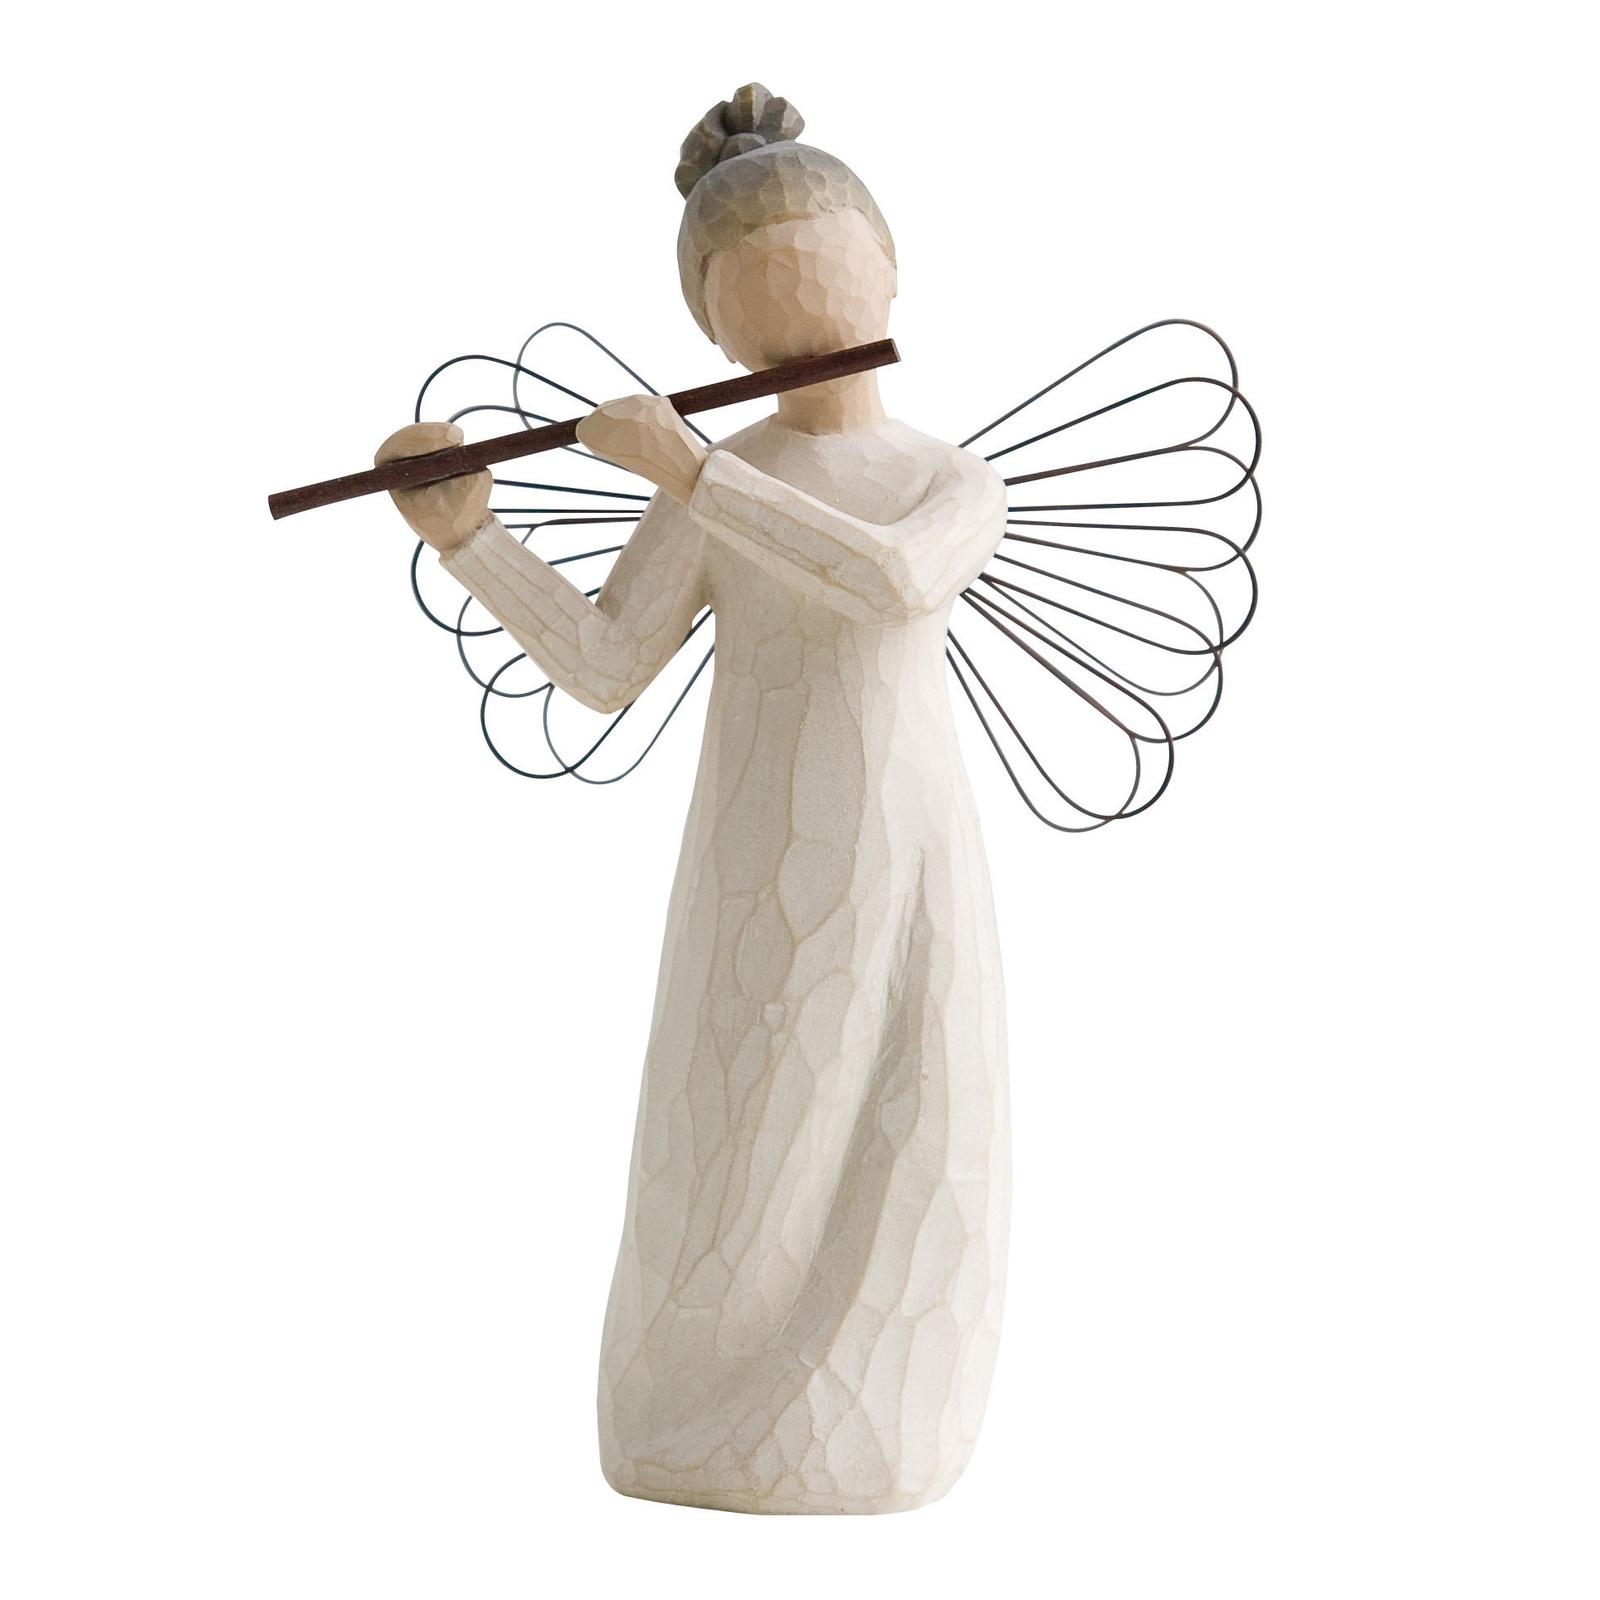 Фигурка декоративная Willow Tree статуэтка миниатюрная, интерьерная, 26083, Искусственный камень tree